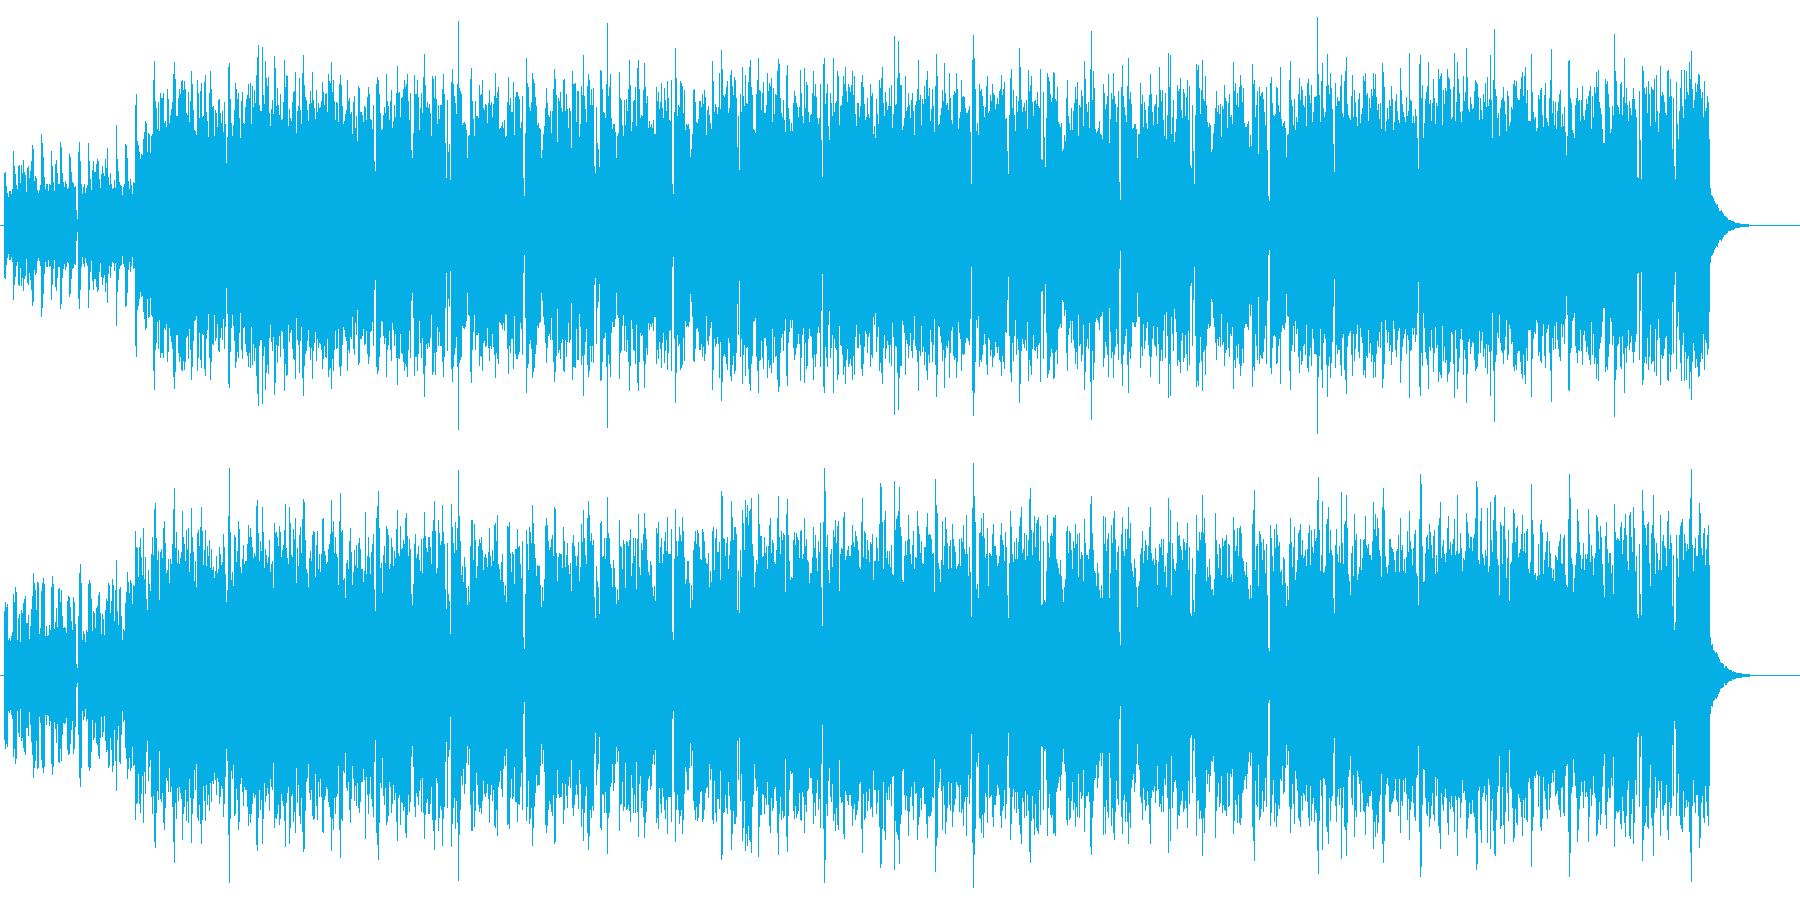 酒場イメージのフィドル&フルートケルト曲の再生済みの波形